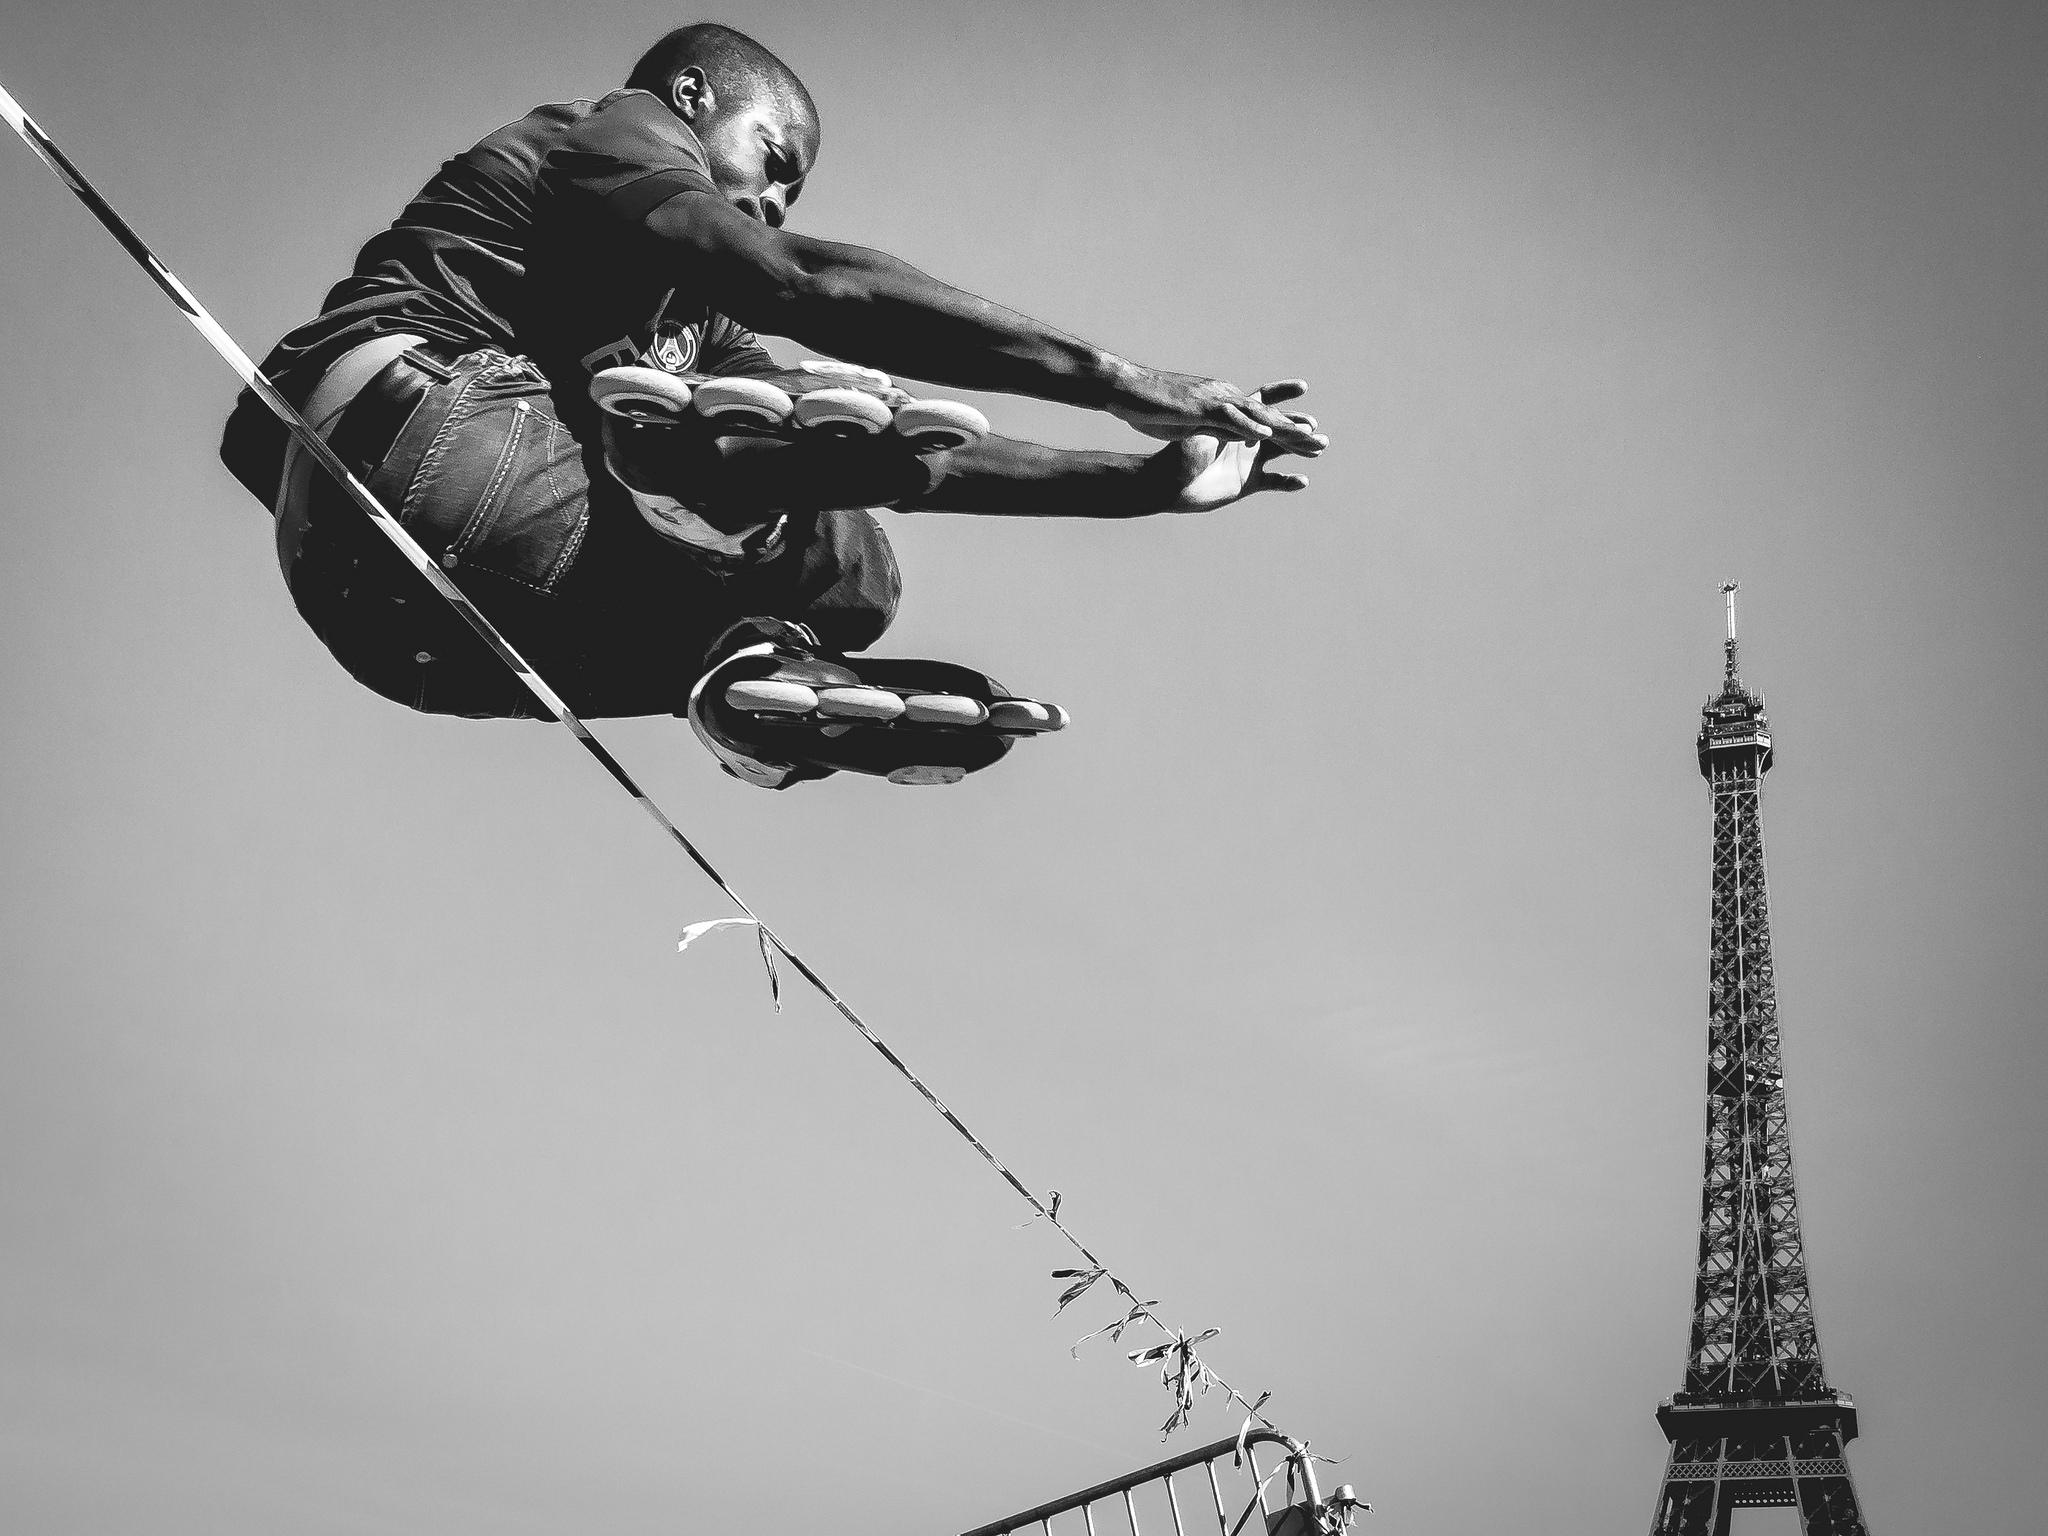 'Catching the tower' par Clemens Linke ; les Noirs ne pourraient-ils grimper les échelons de la société française que par le sport et le divertissement?